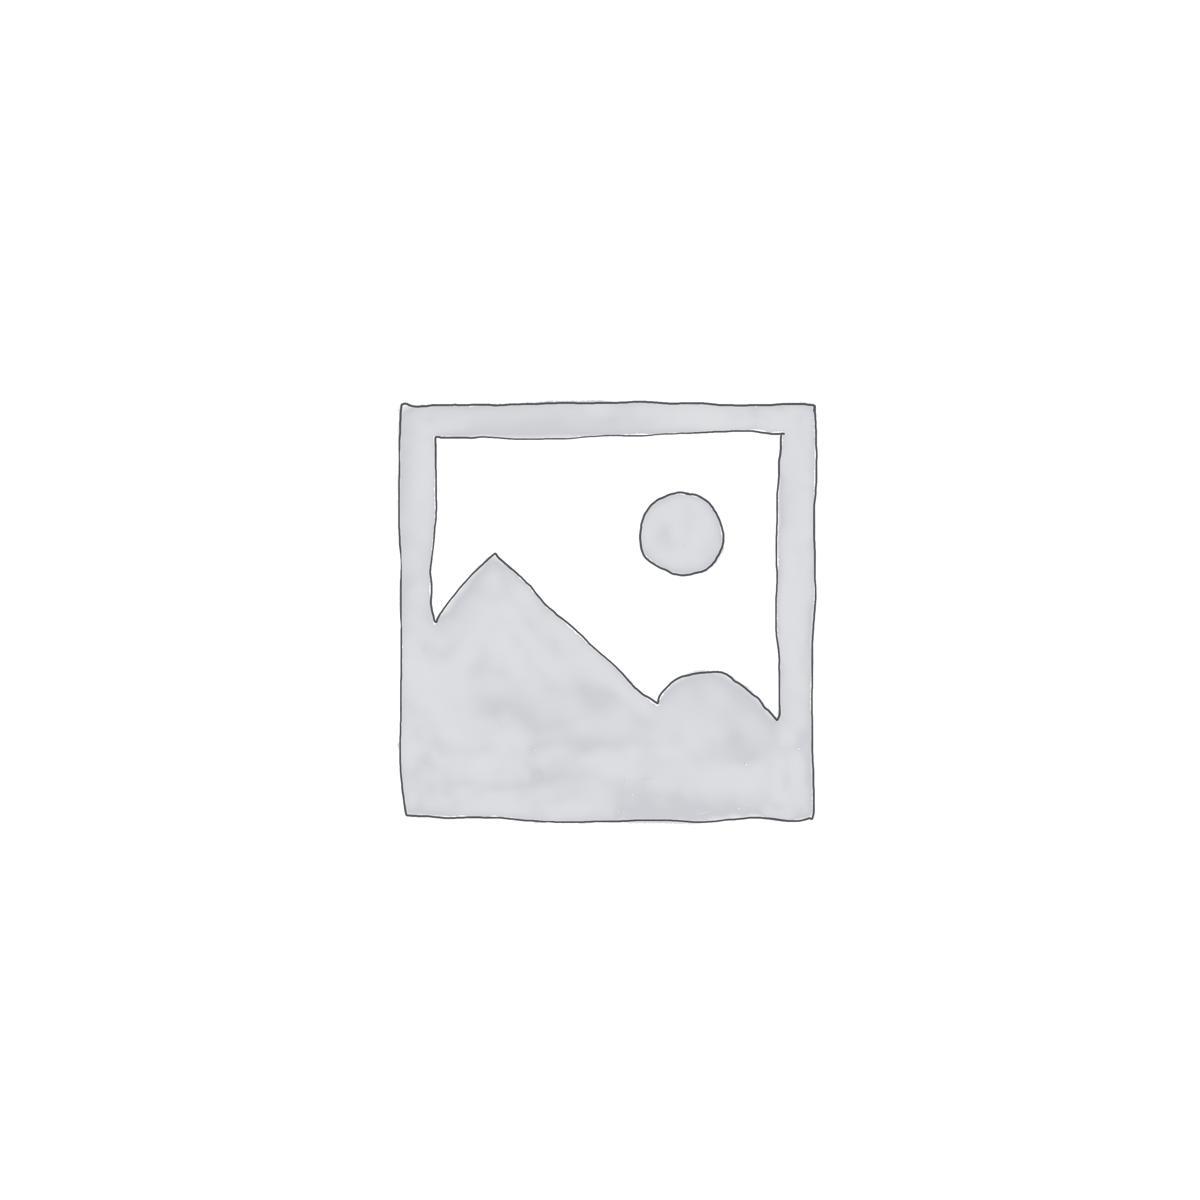 Naklejki antypoślizgowe transparentne Anti-slip Strip  6 sztuk